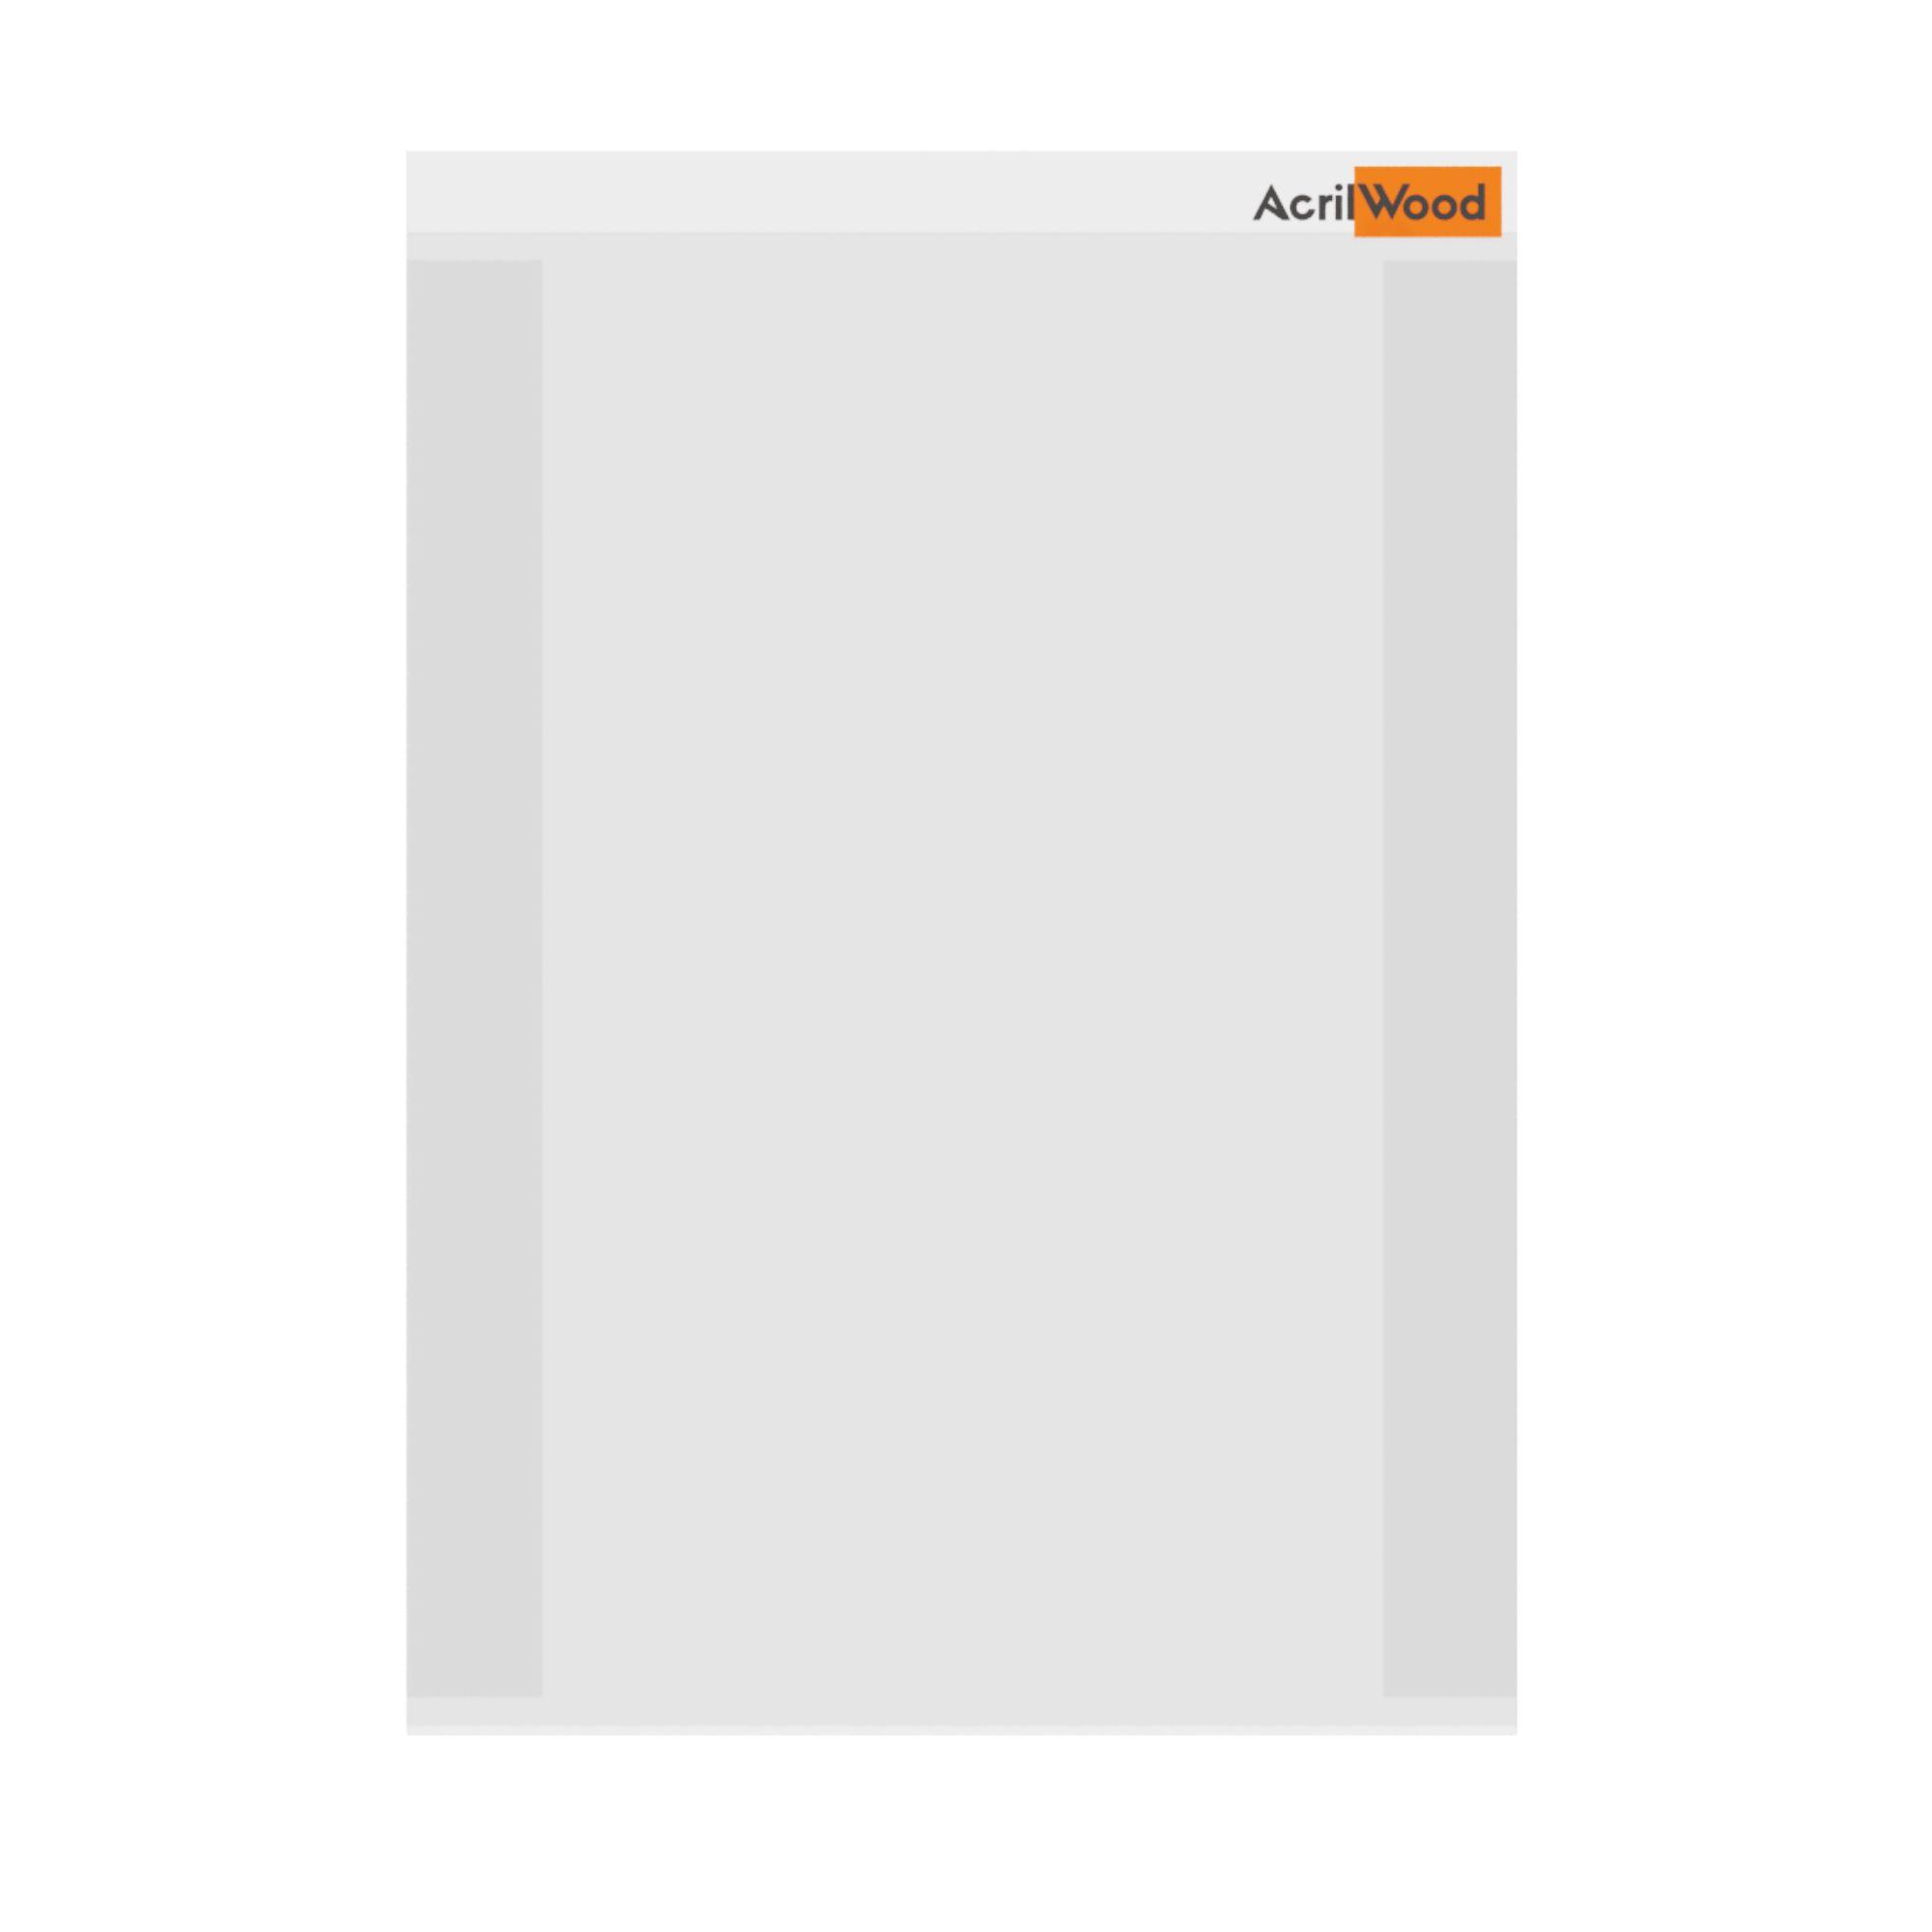 Display De Parede Em Acrílico Formato A4 Vertical Com Fundo